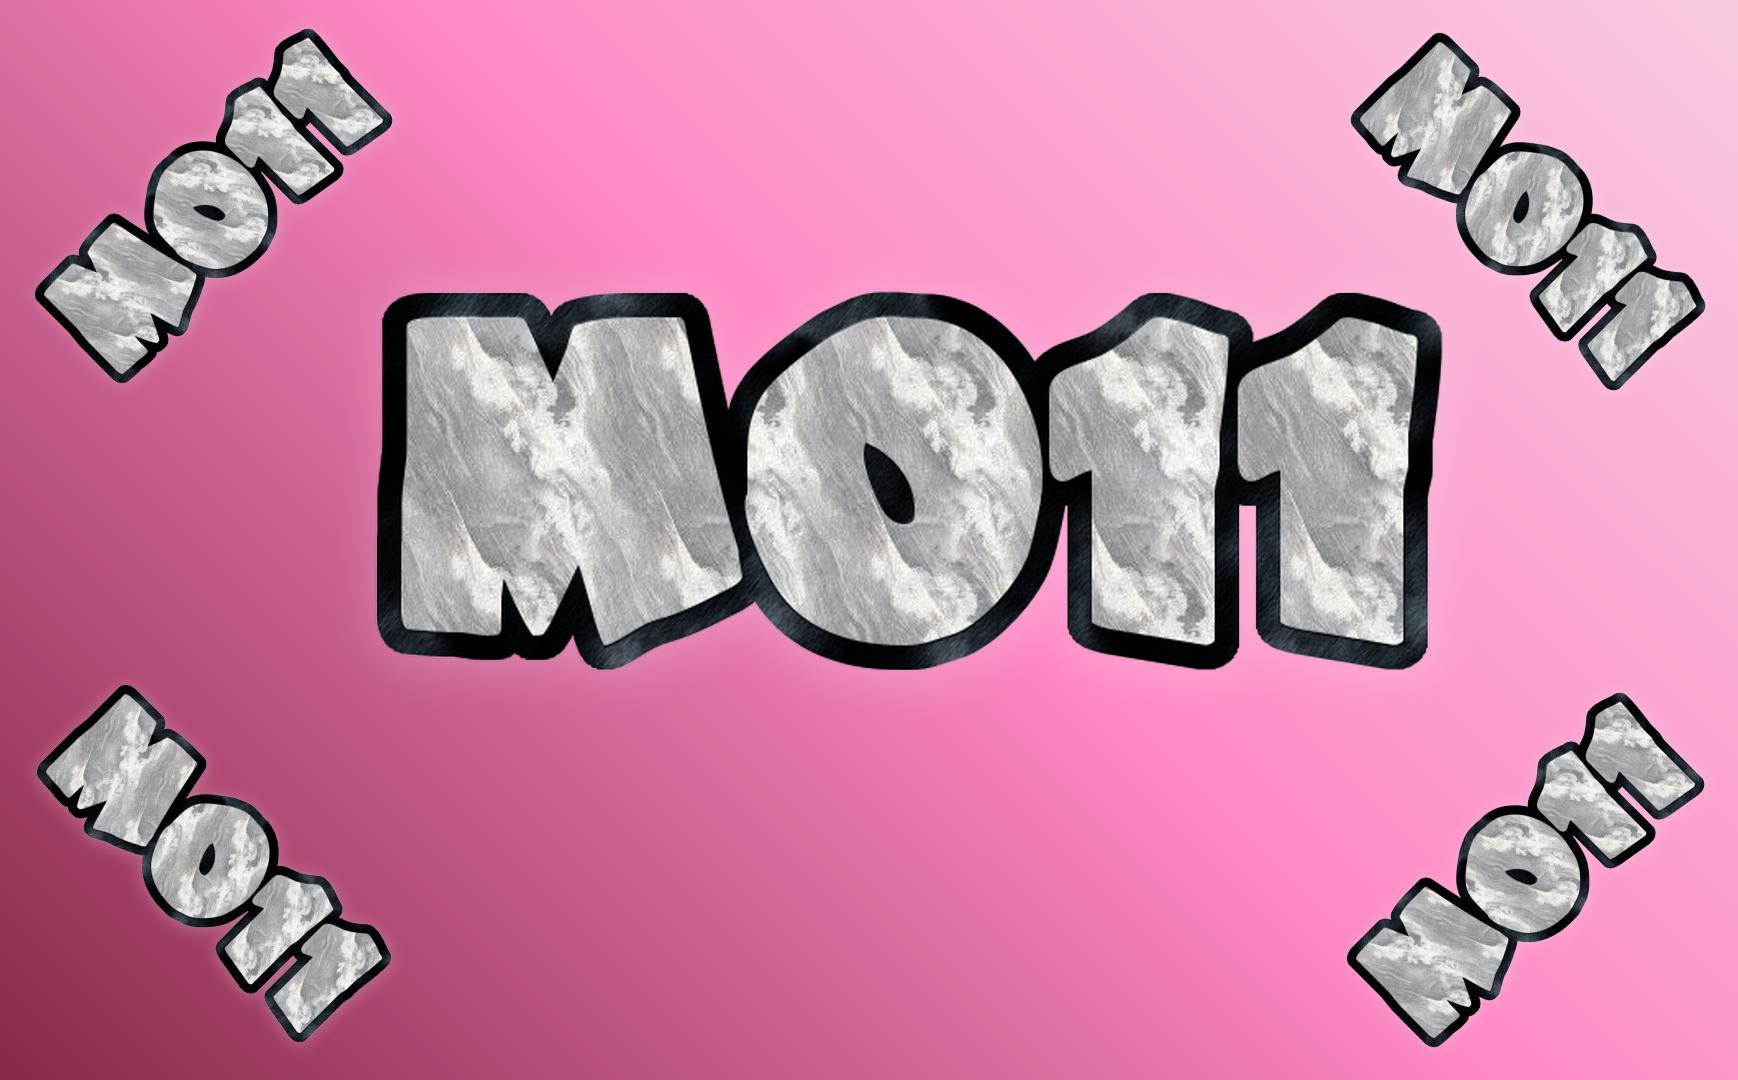 MO11-1: De meiden blijven winnen